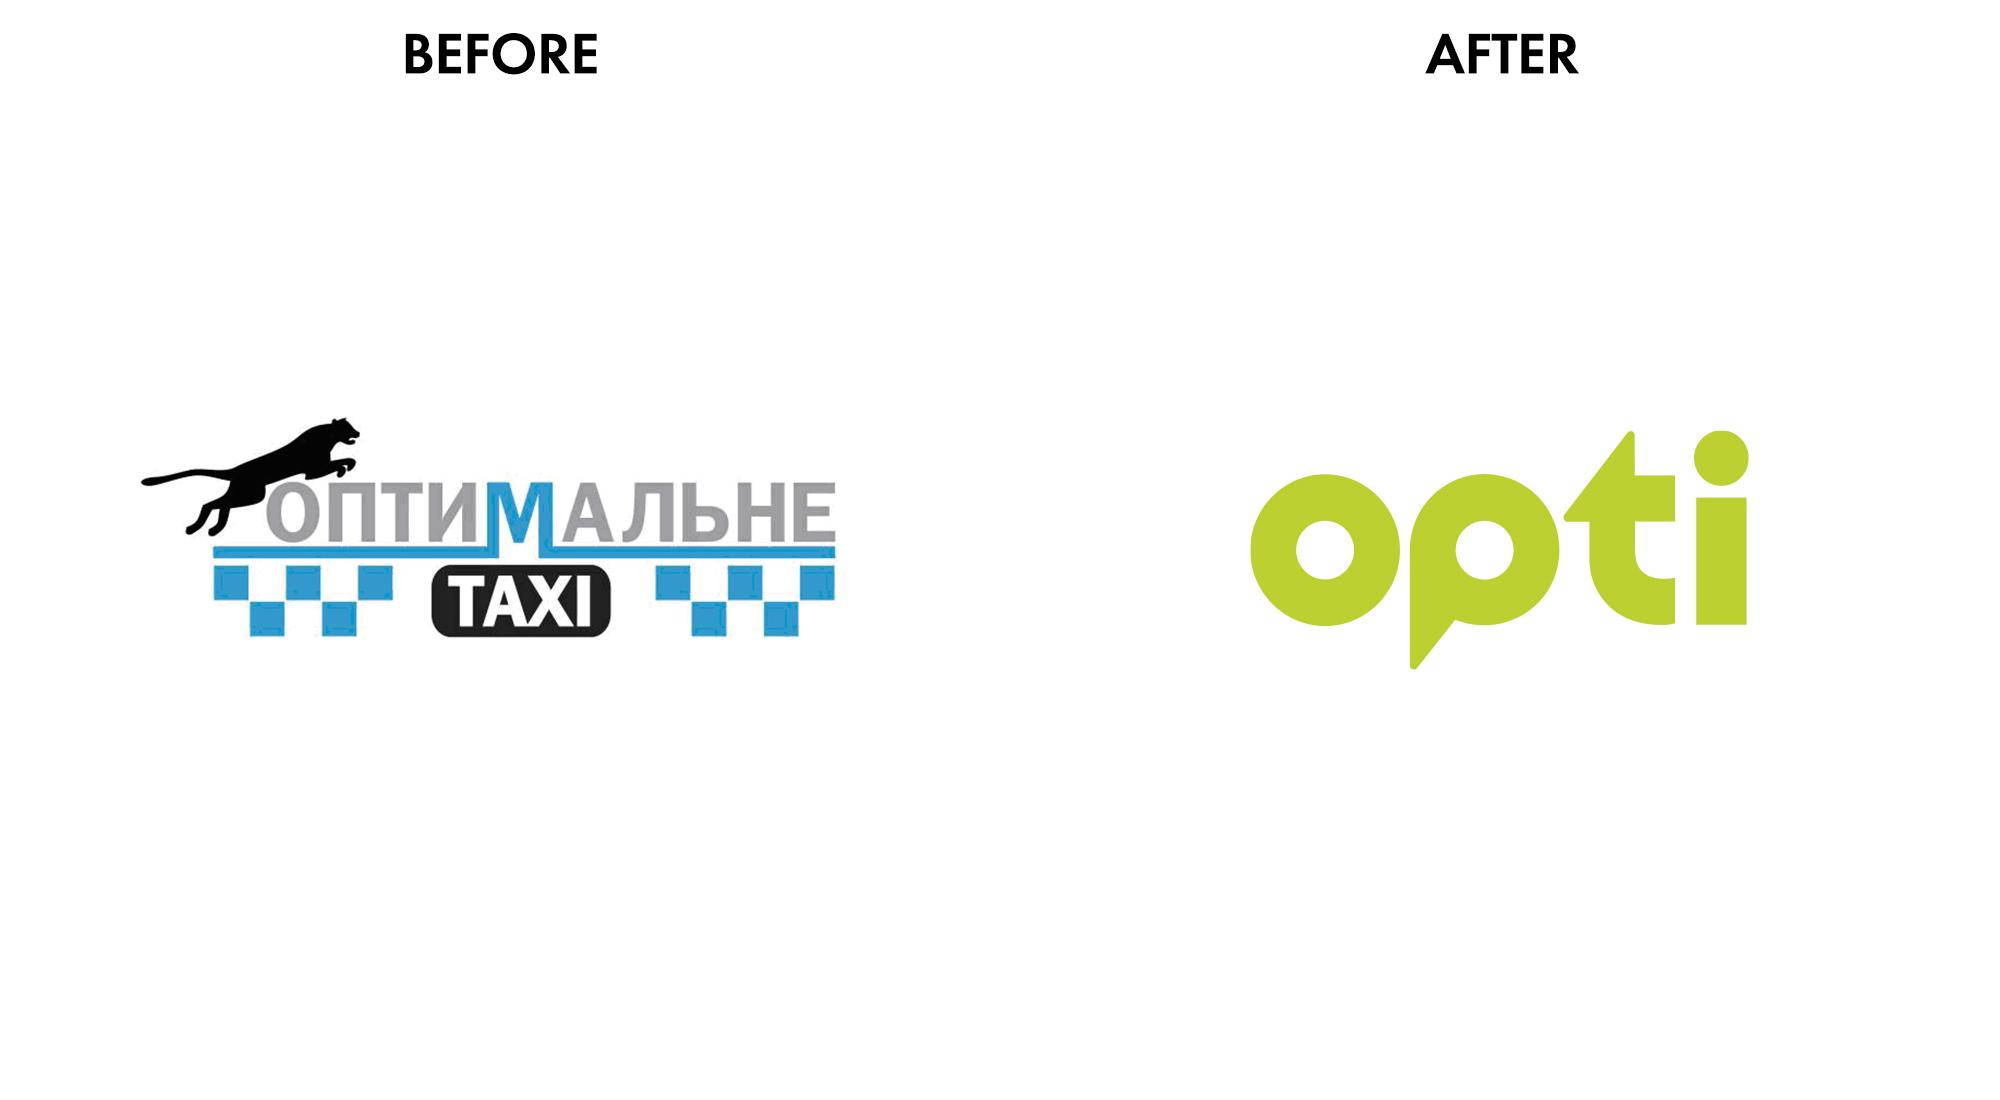 Логотип до и после